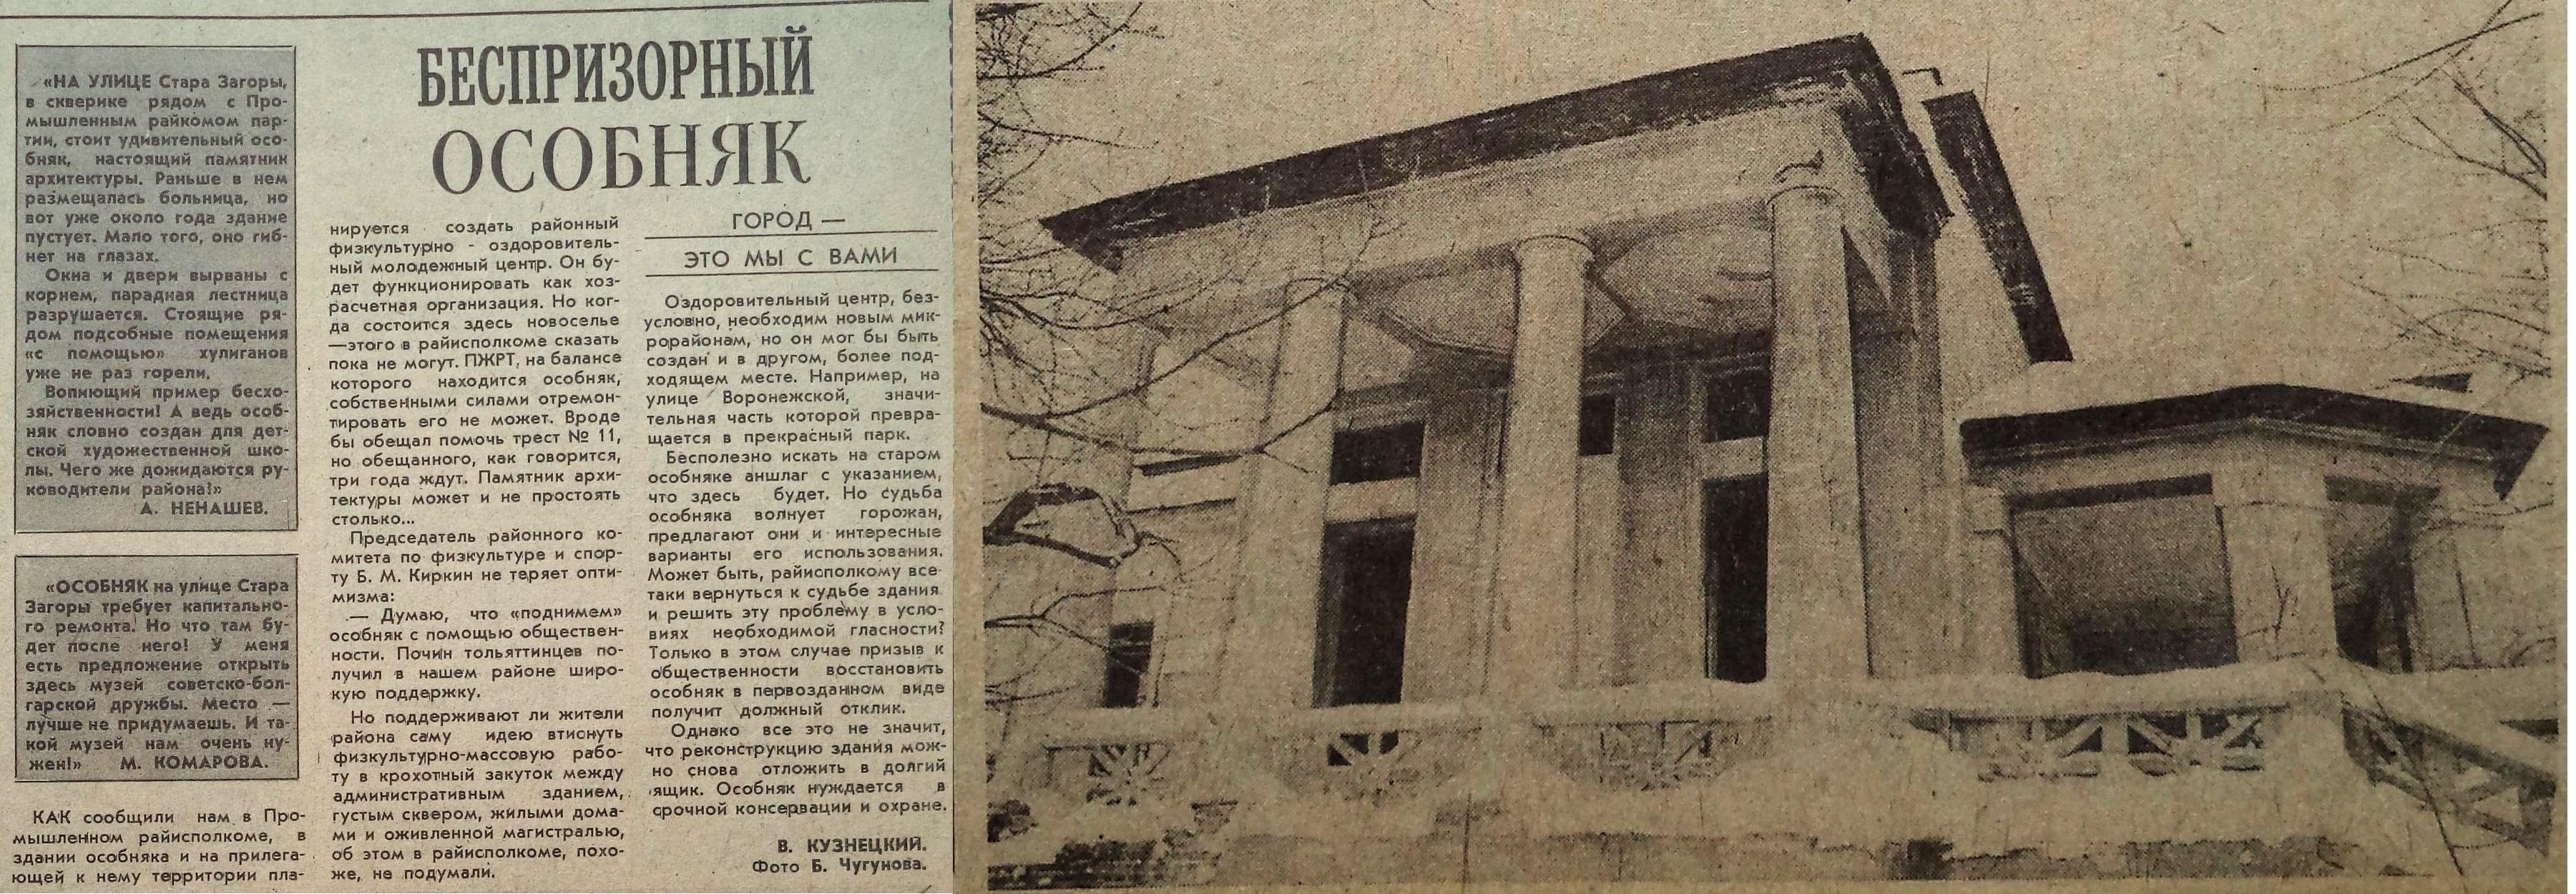 Стара Загора-ФОТО-040-ВЗя-1987-01-16